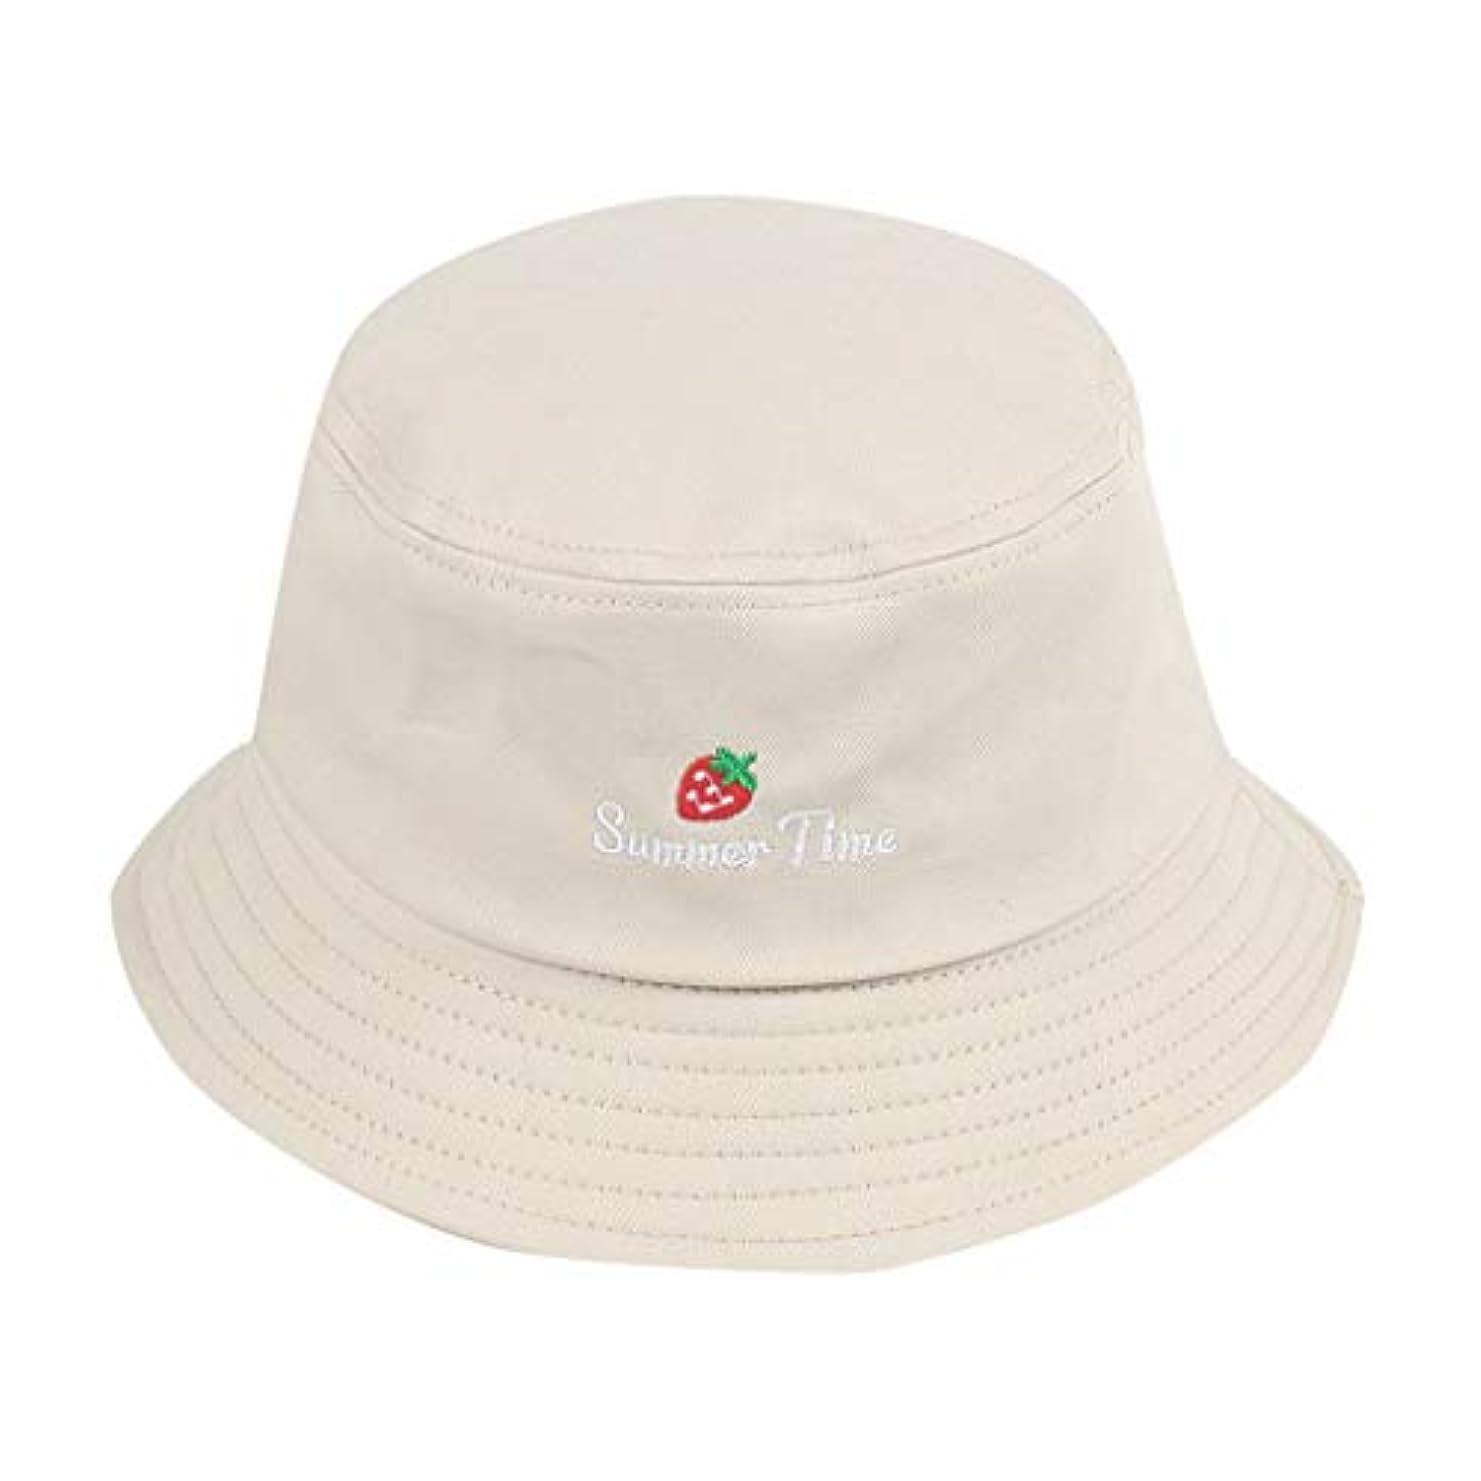 エンディング岩トランクライブラリ帽子 夏 発送 漁師の帽子 レディース ハットラップ 森ガール かわいい 吸汗通気 女優帽 日よけ UVカット 帽子 ハット レディース 棉 日よけ つば広 紫外線対策 小顔効果抜群 刺繍 いちご ROSE ROMAN